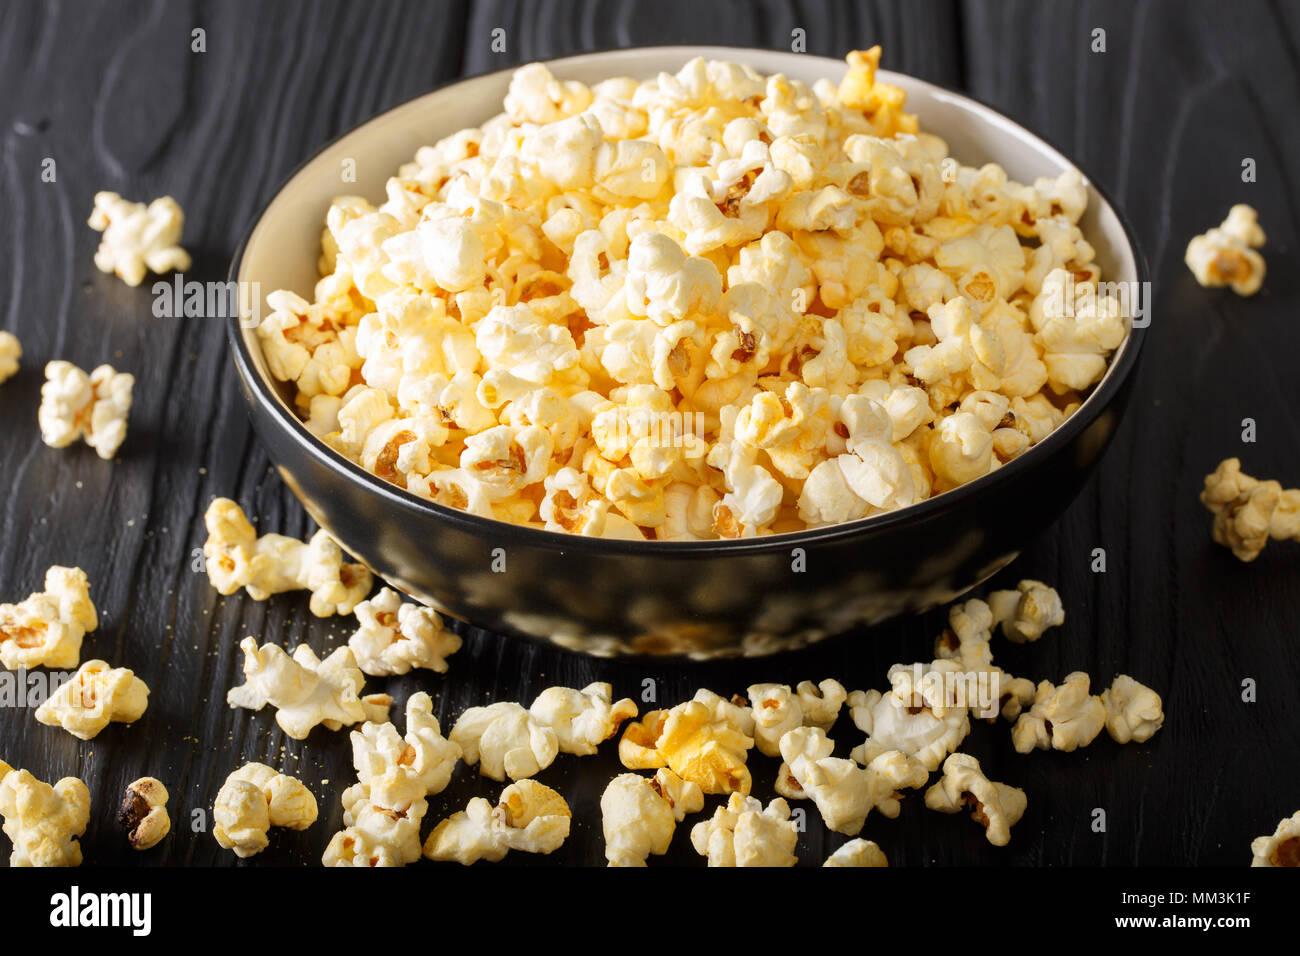 Le fromage cheddar popcorn salé libre dans un bol sur la table noire verticale. Photo Stock